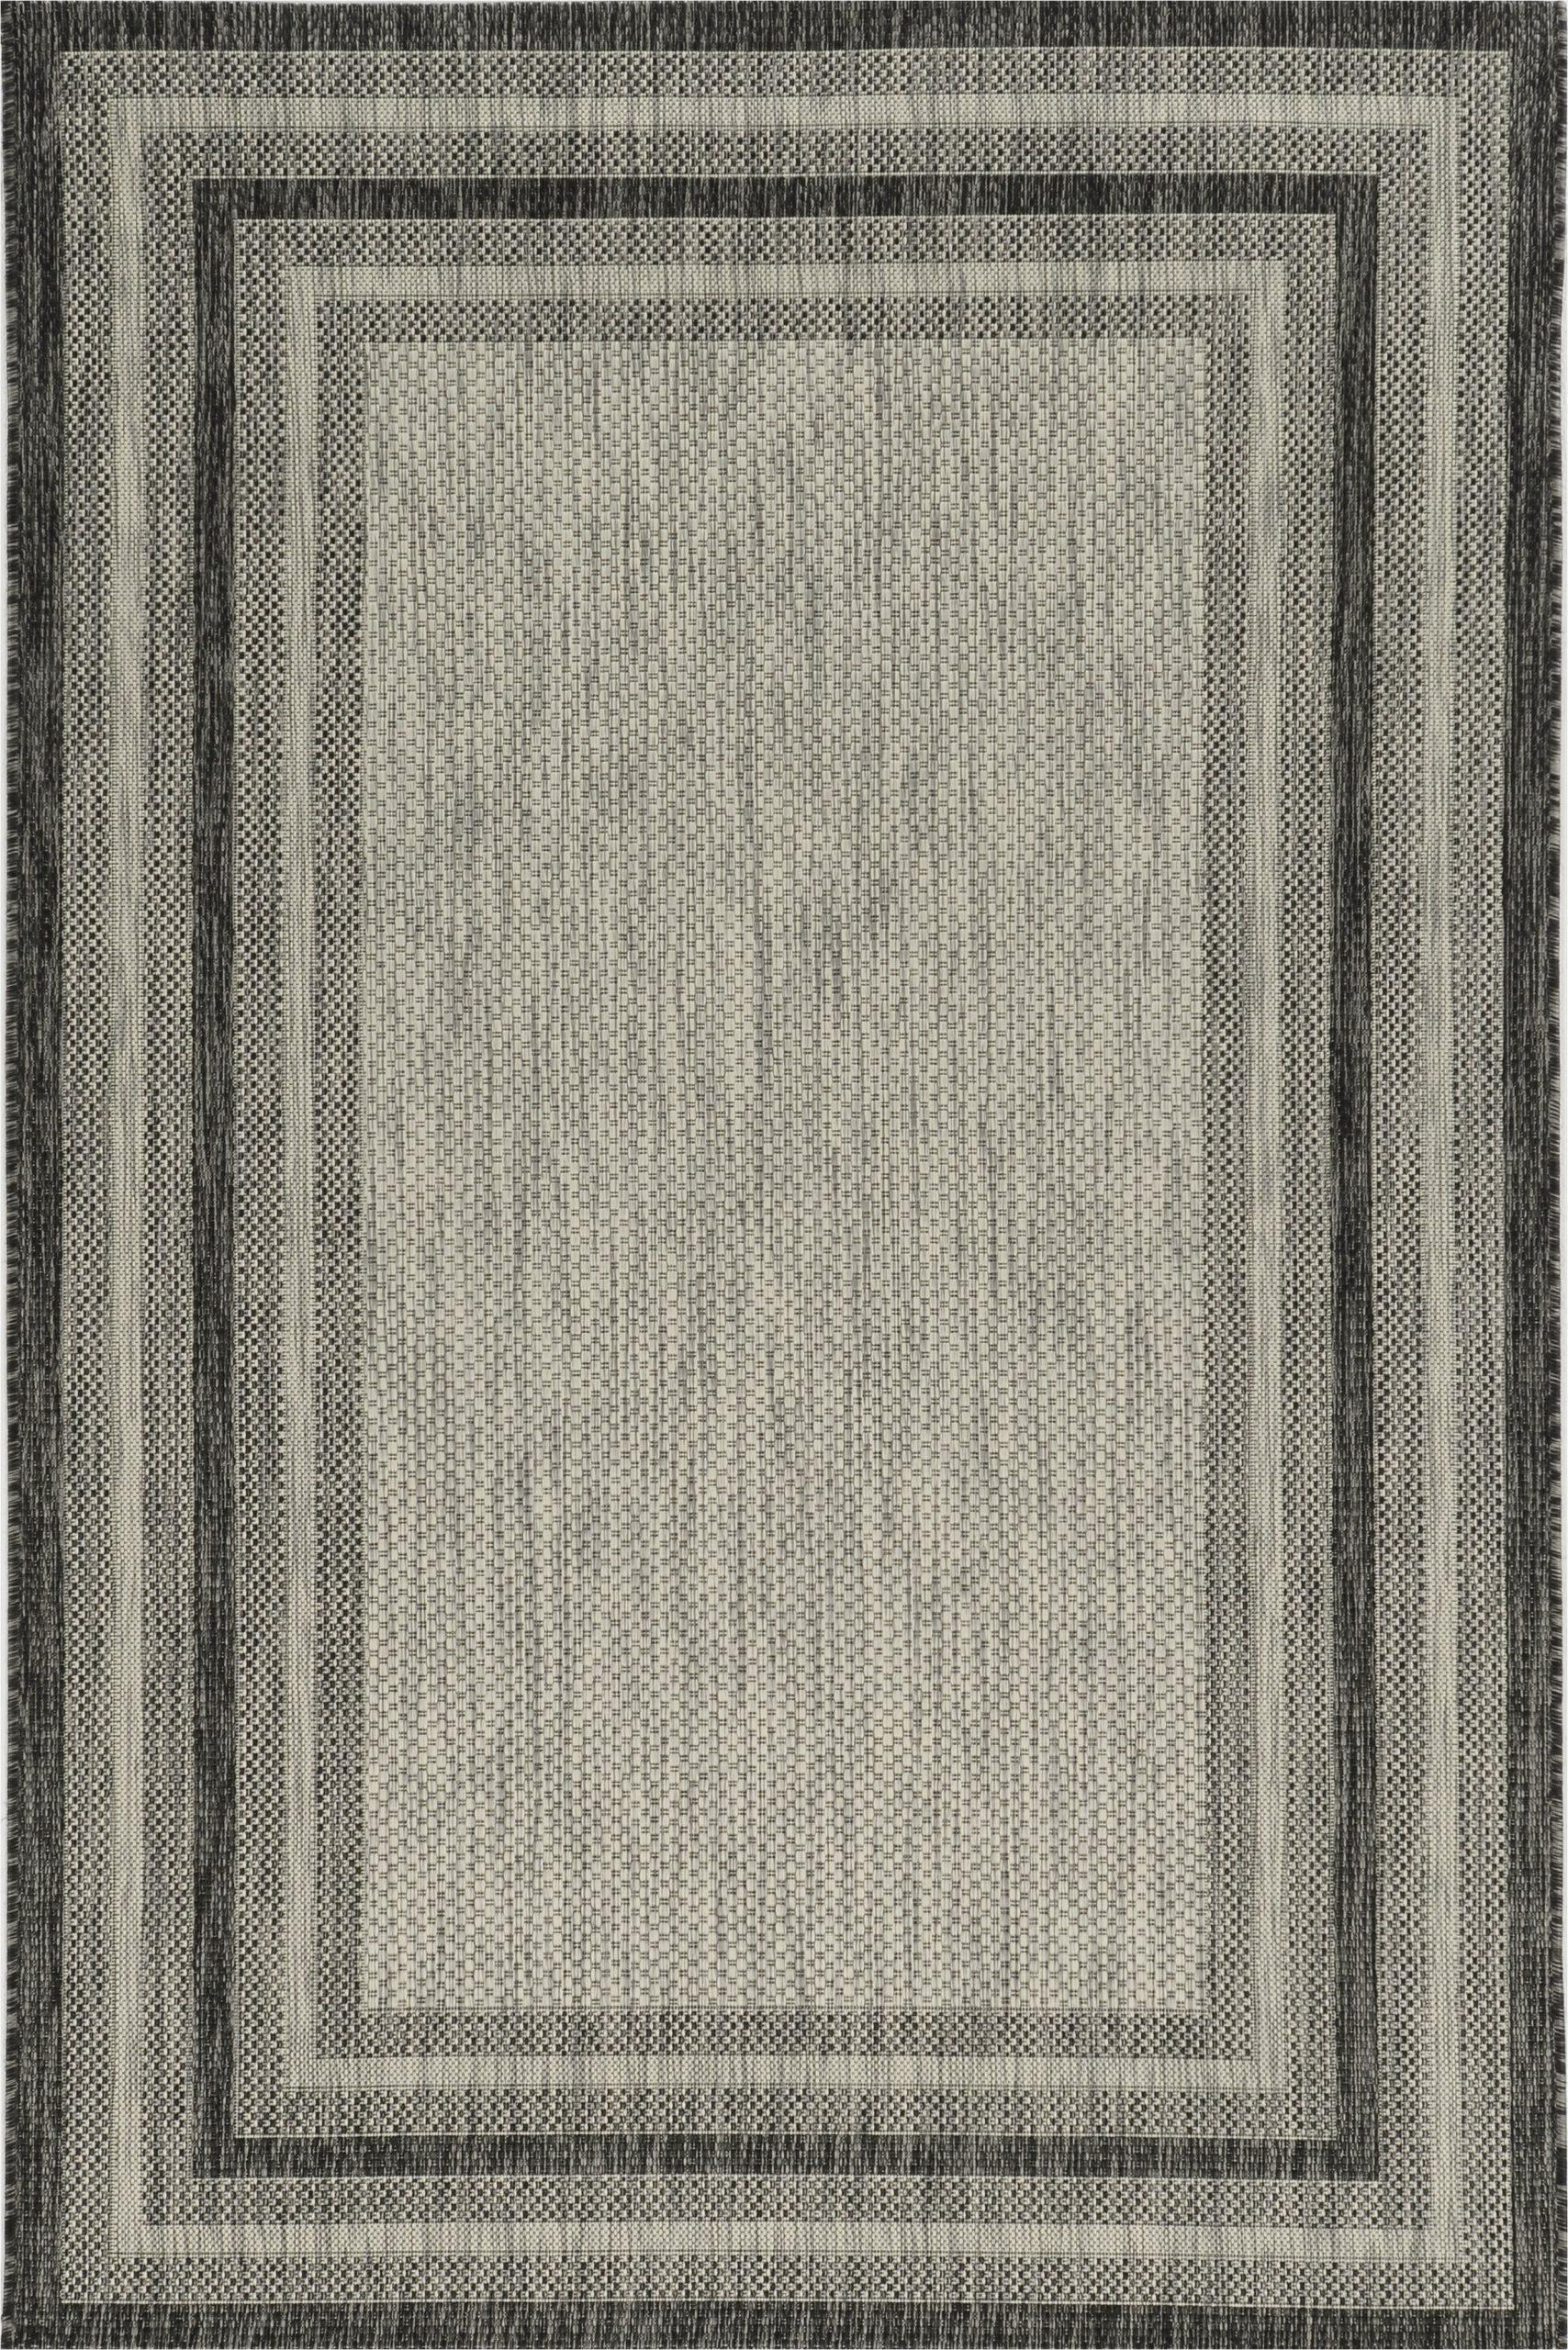 sol 72 outdoor dania gray indoor outdoor area rug w